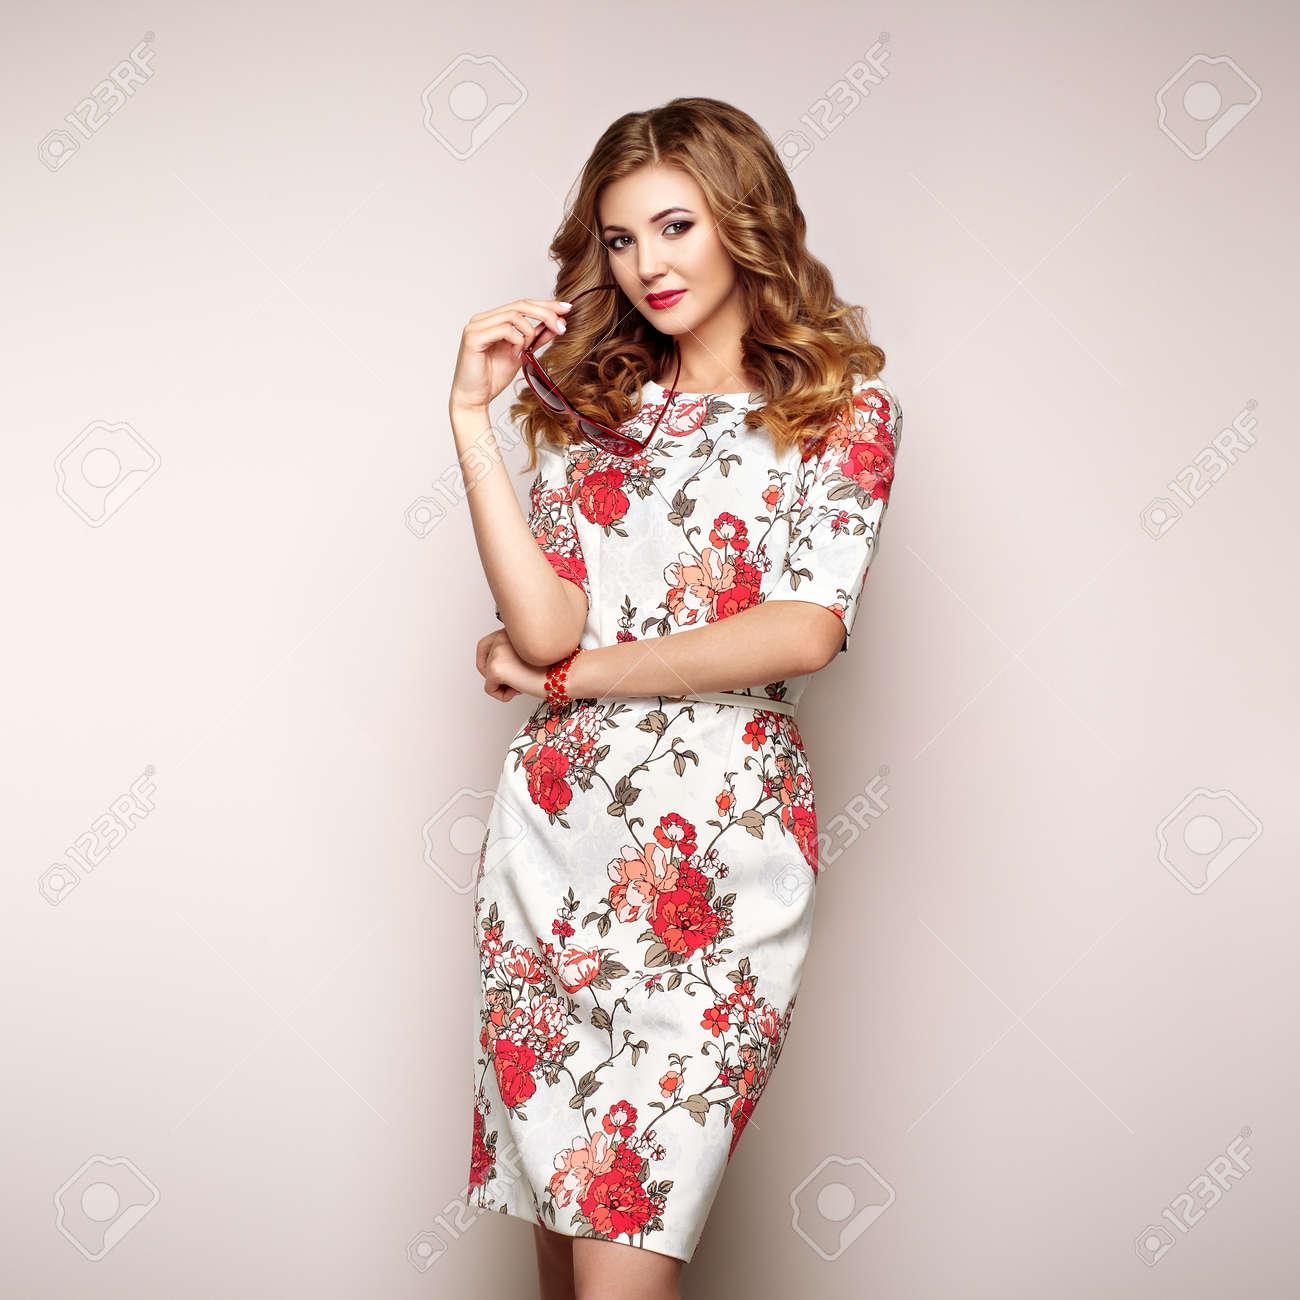 Blonde Jeune Femme En Robe D Ete Floral Printemps Femme Qui Pose Sur Un Fond Blanc Tenue Florale D Ete Coiffure Ondulee Elegante Photo De Mode Femme Glamour Avec Lunettes De Soleil Banque D Images